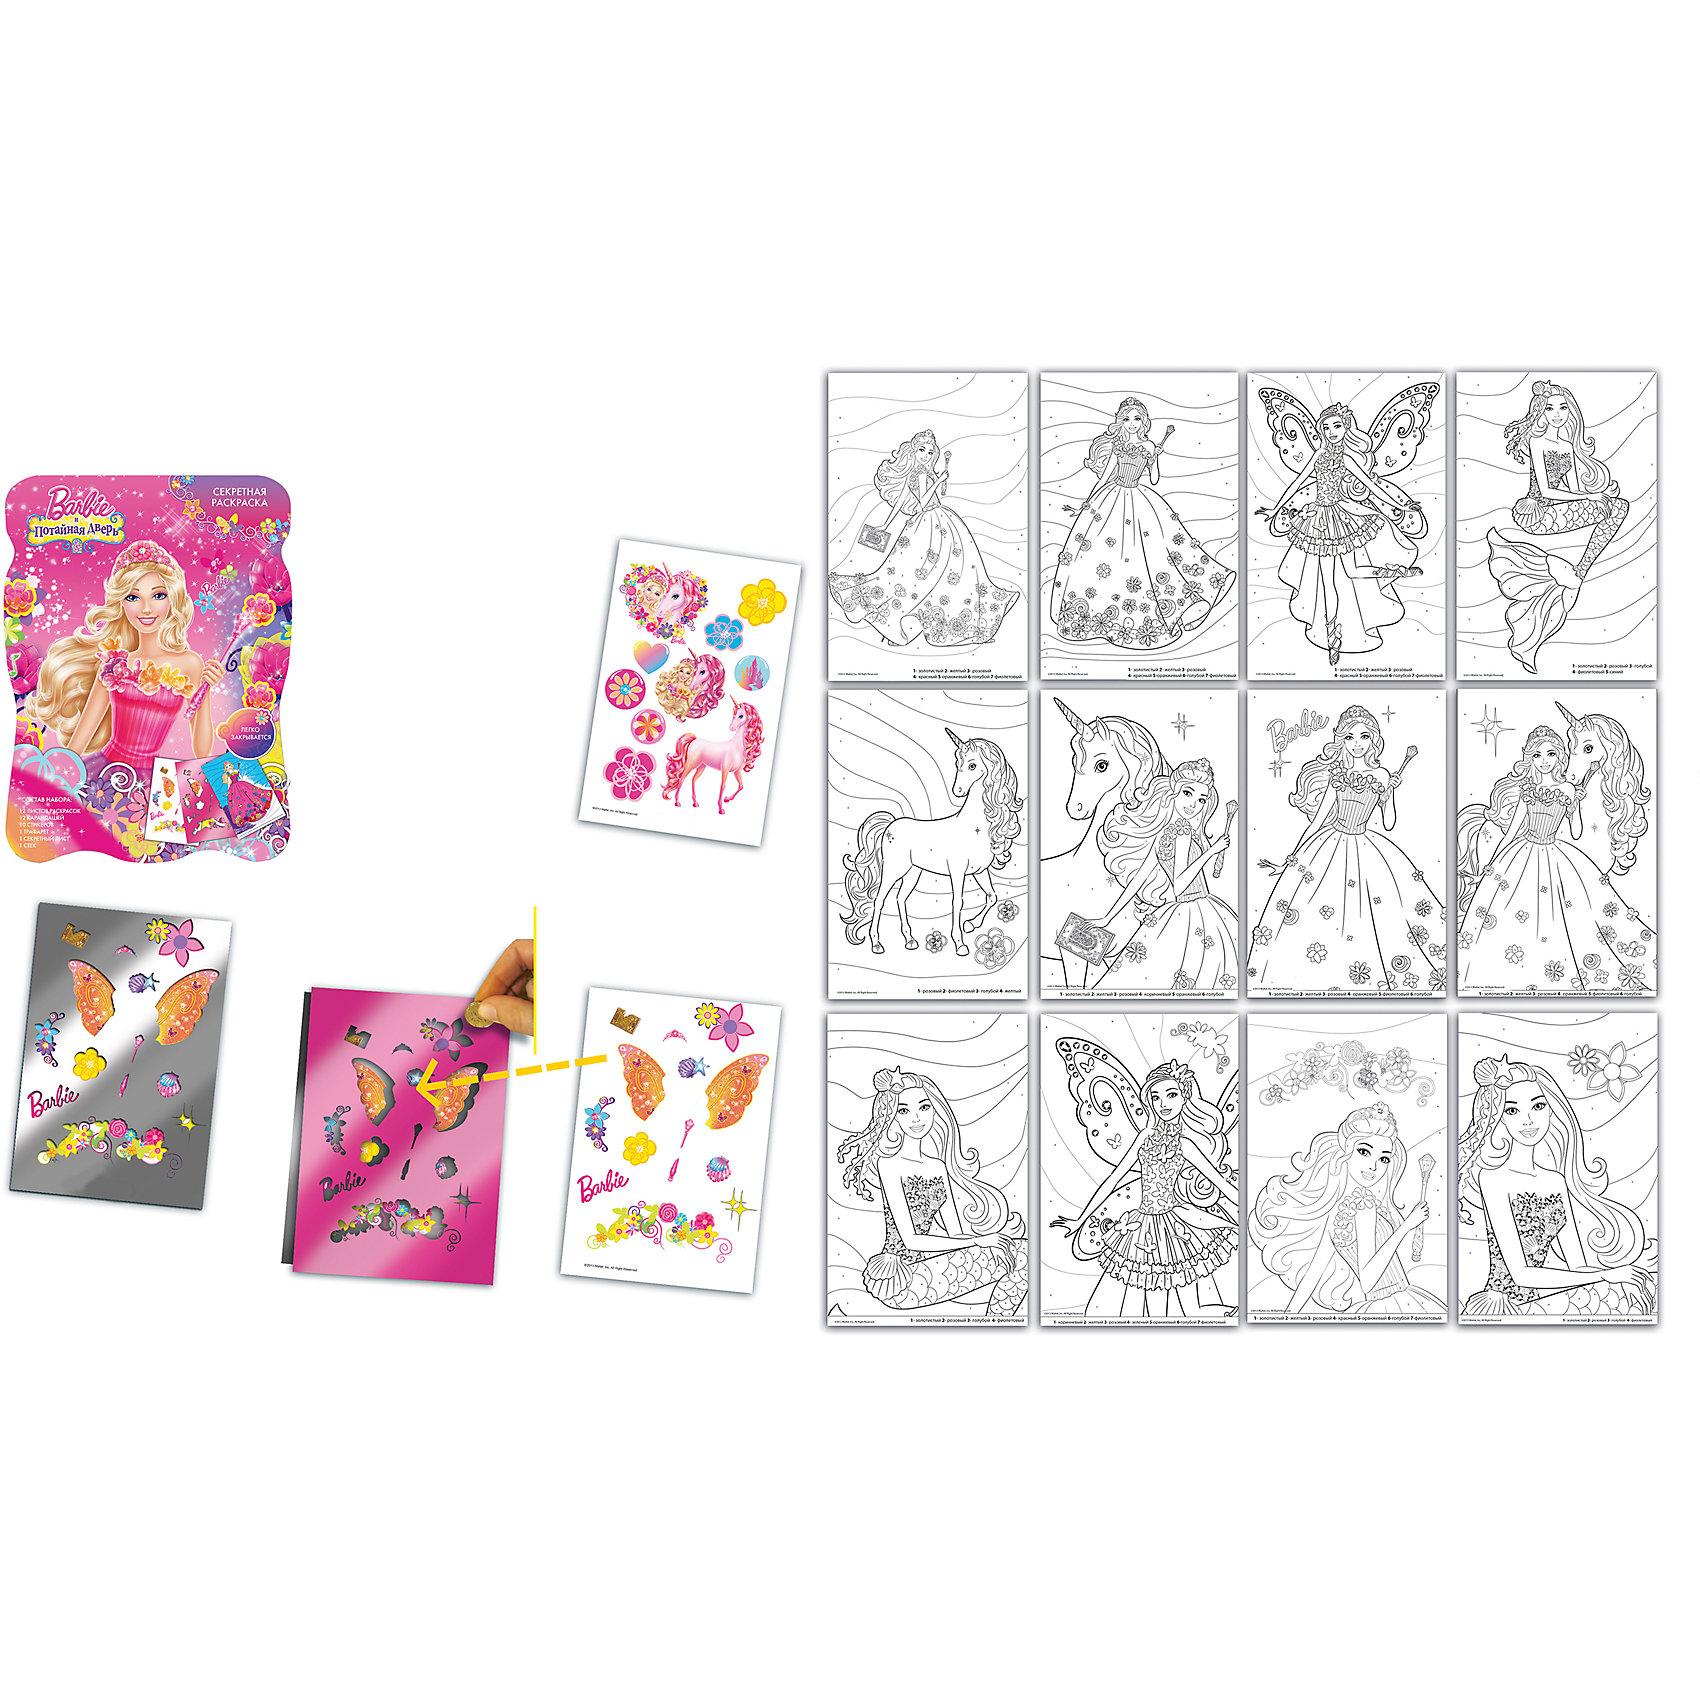 Limpopo Набор для творчества Секретная раскраска, Barbie limpopo набор для творчества секретная раскраска barbie